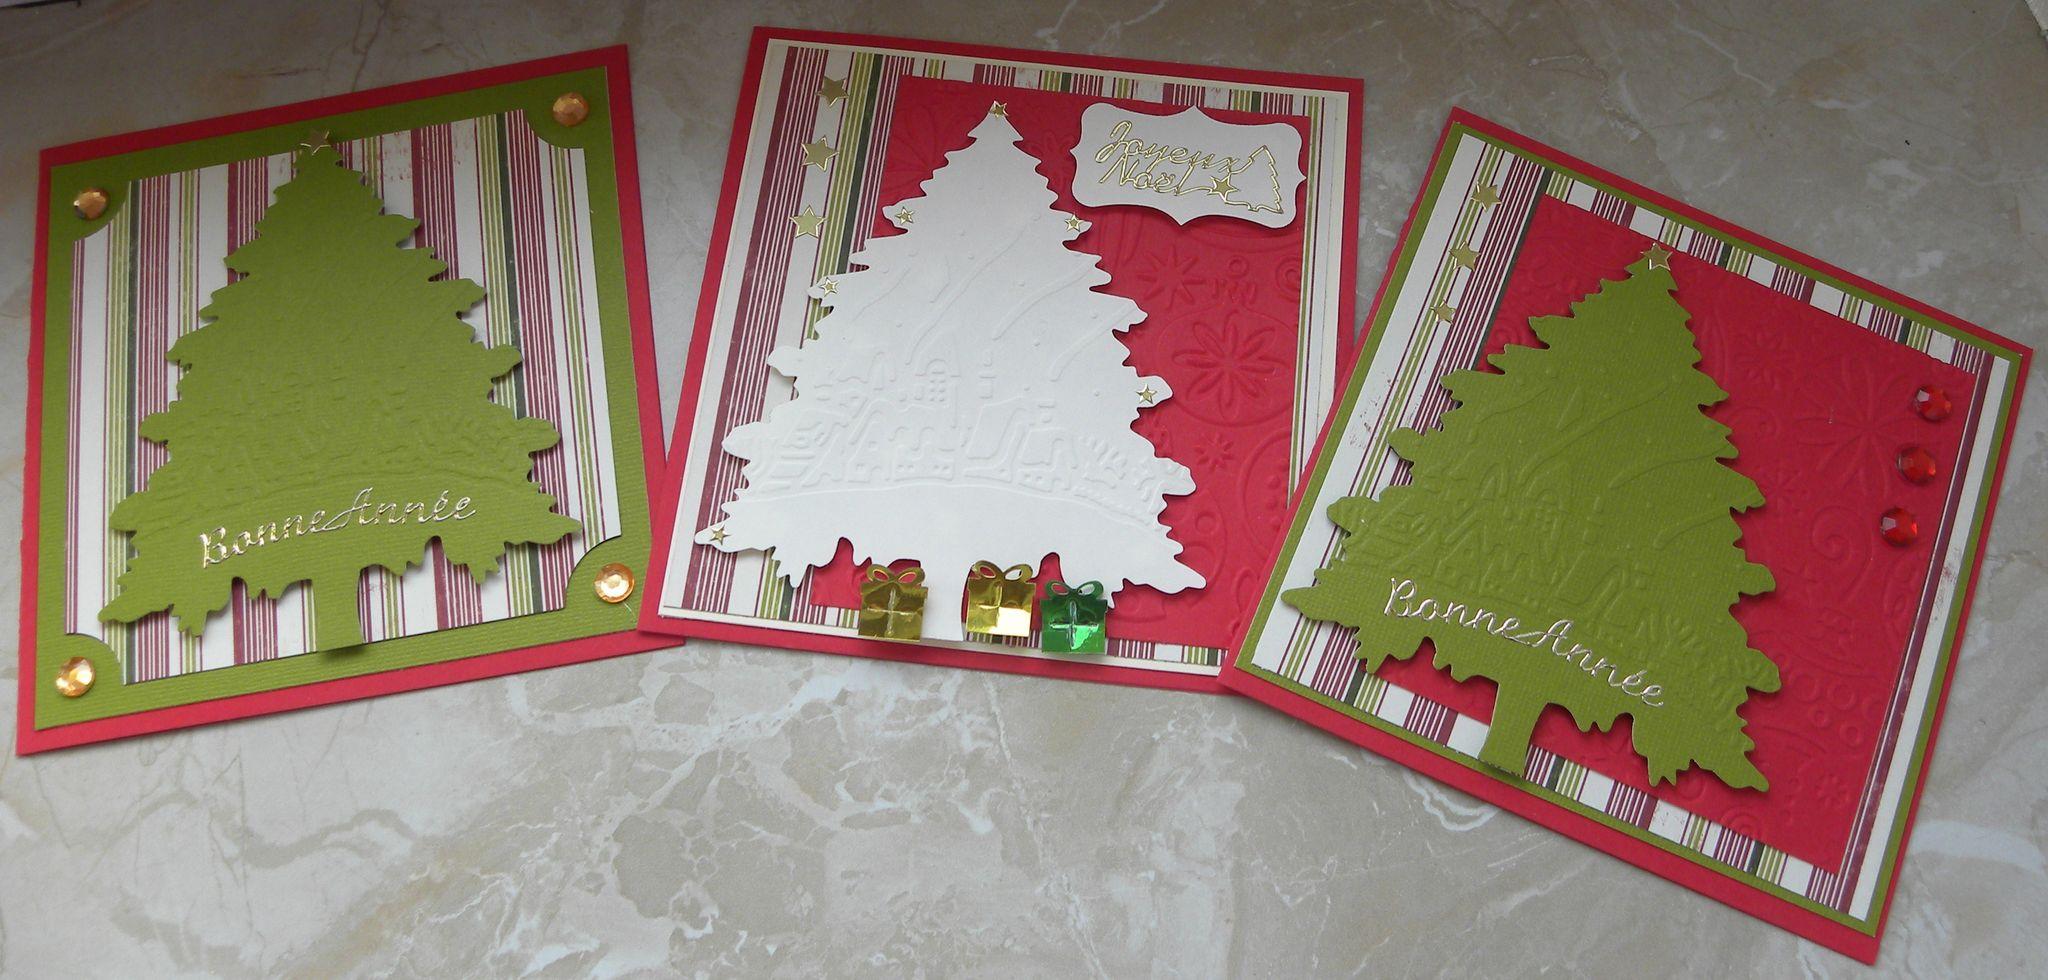 carte noel a faire soi meme good carte de nol fabriquer soimme u ides et with carte noel a. Black Bedroom Furniture Sets. Home Design Ideas